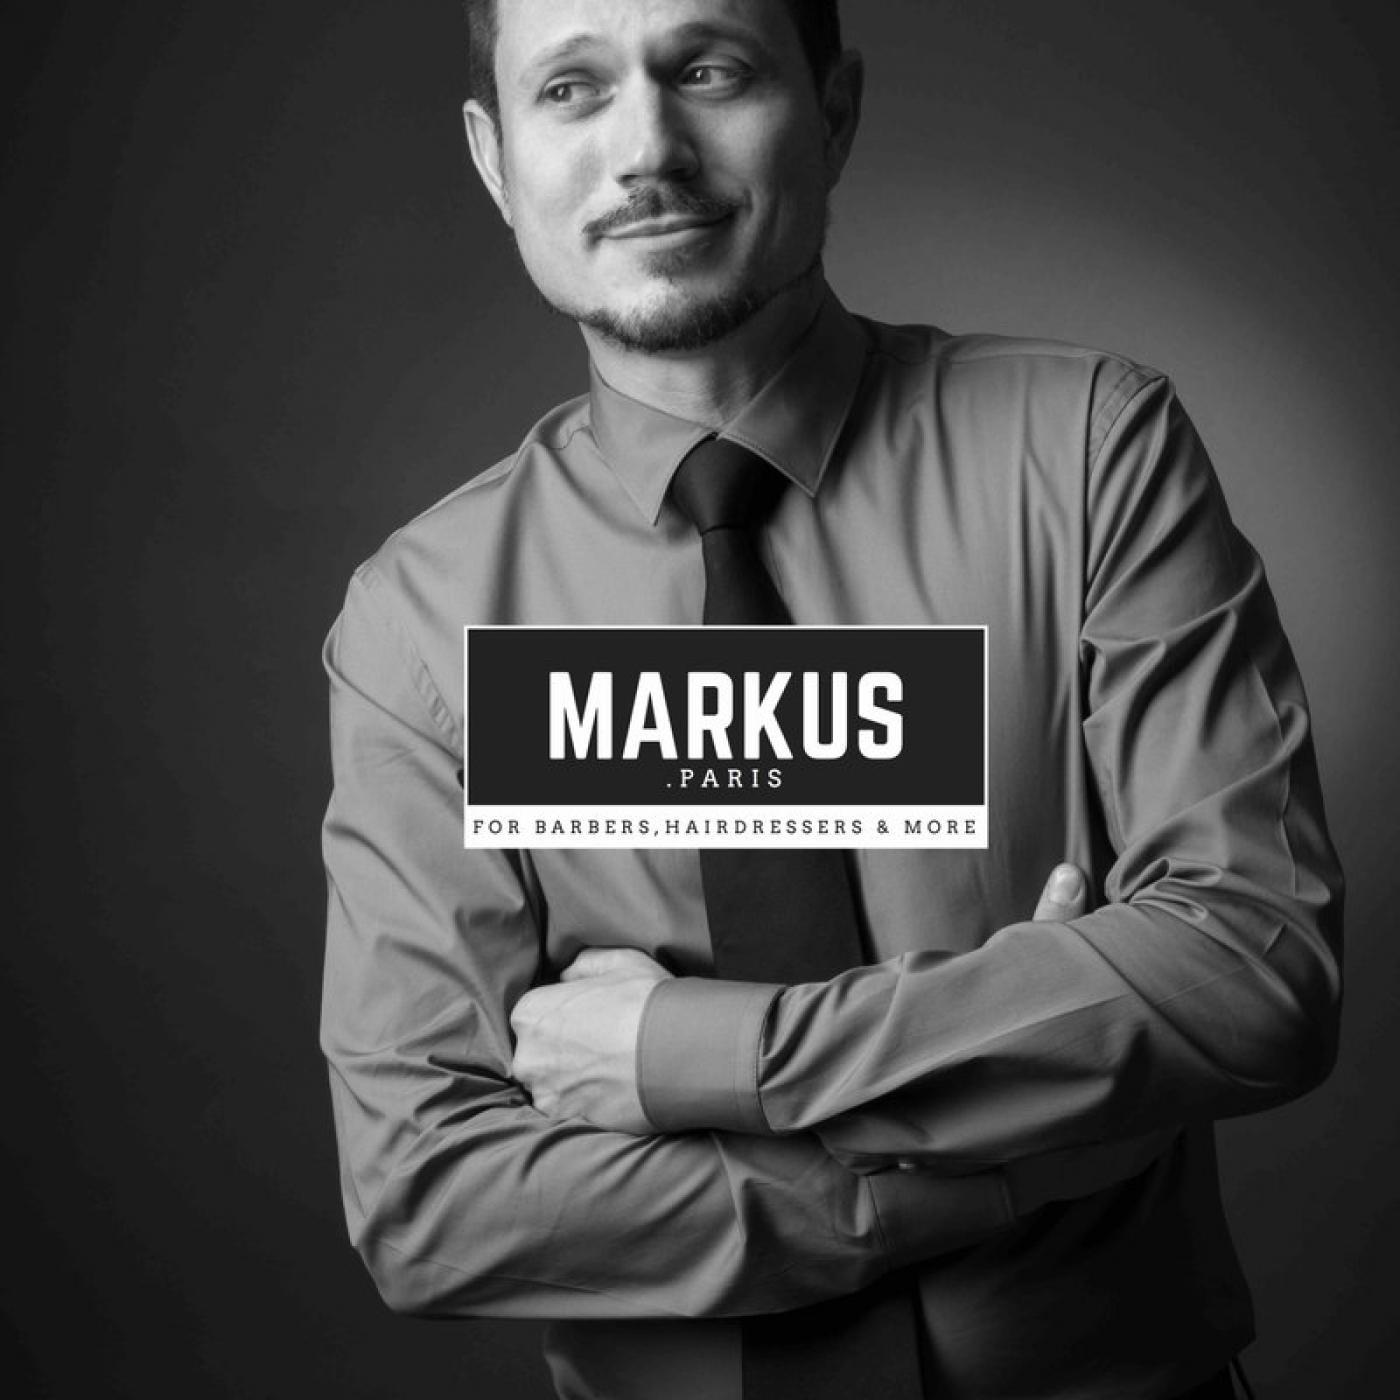 """Rod, gérant """"Markus Paris"""",1er espace fr co-working pour coiffeurs et barbiers - Mardi 8 décembre 2020"""